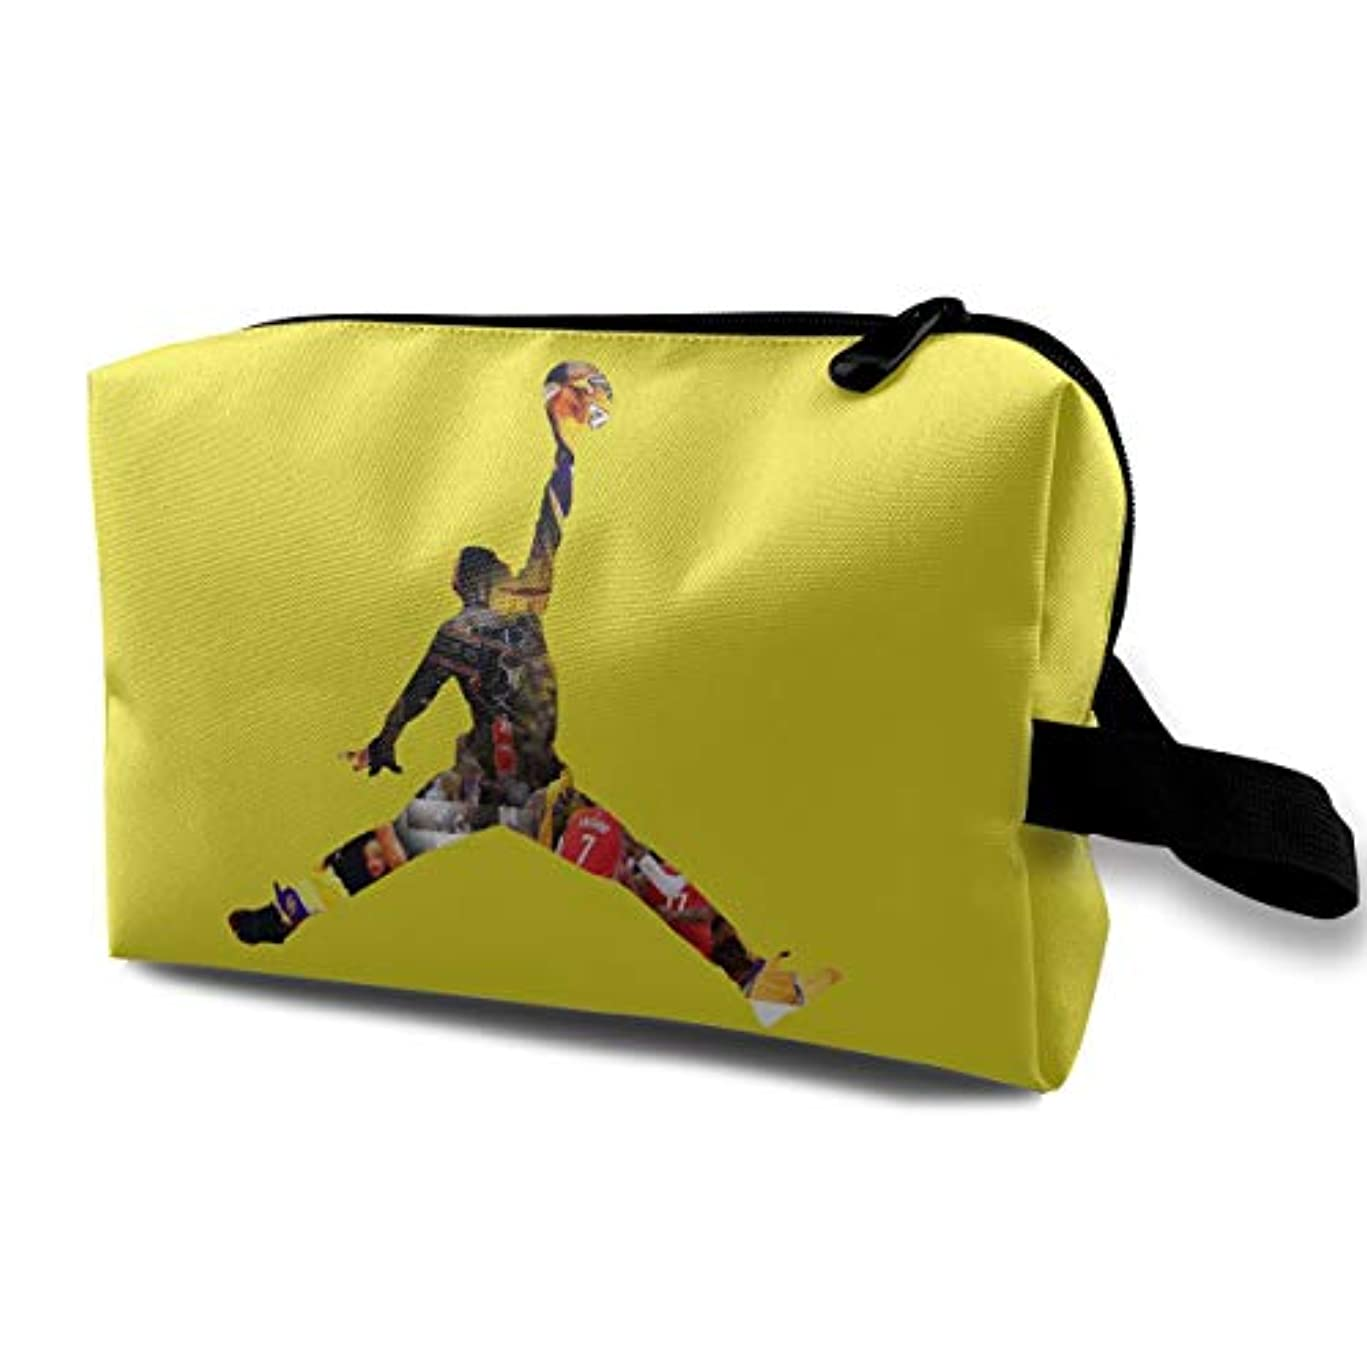 路地弾力性のある即席バスケットボール メンズ 化粧ポーチ 携帯用 化粧ポーチ 大容量 軽い 旅行ポーチ 洗面用具入れ 化粧ポーチ 収納 ハンドバッグ 財布 防水